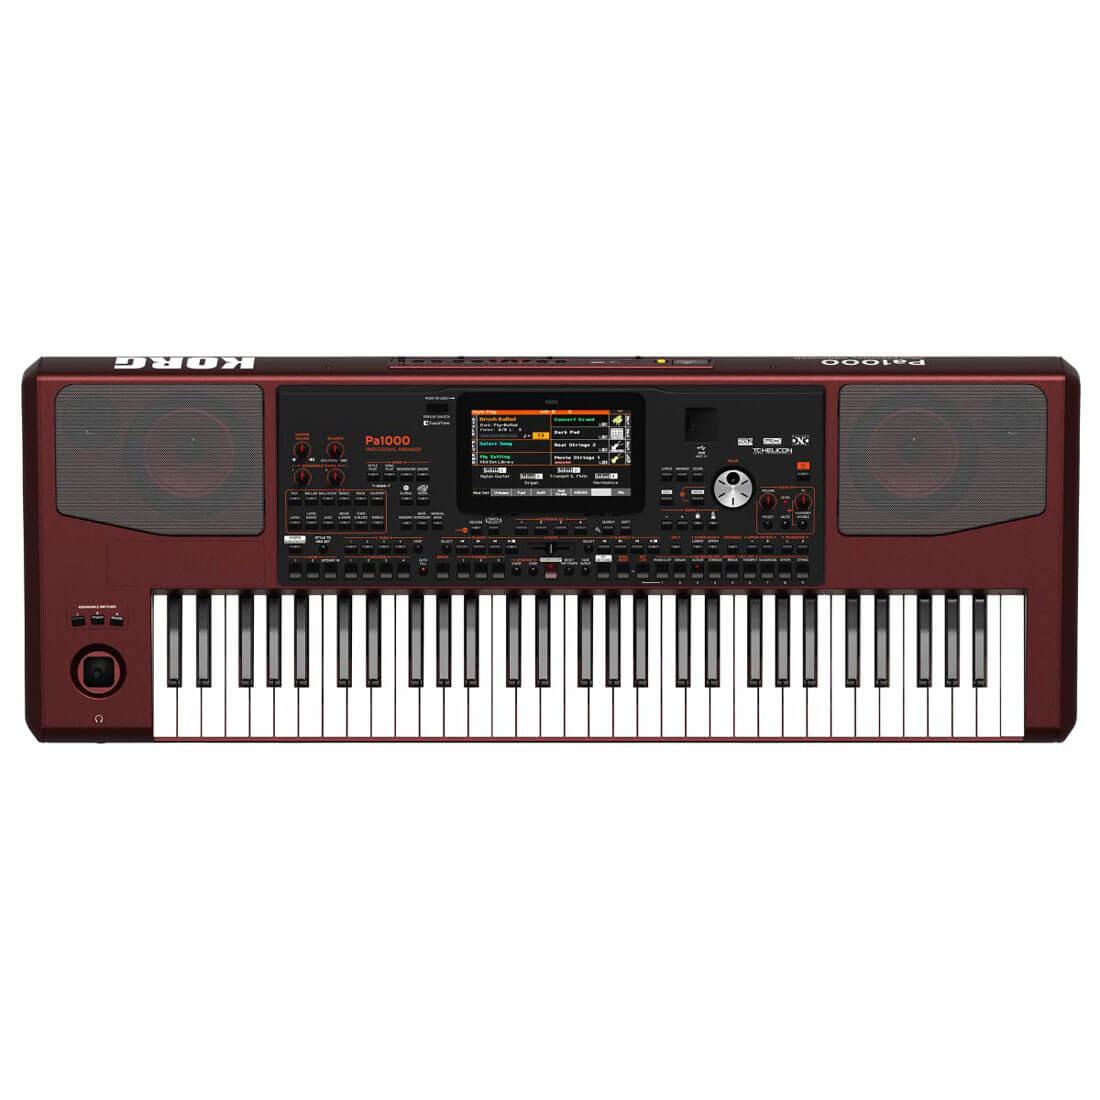 Korg PA-1000 keyboard